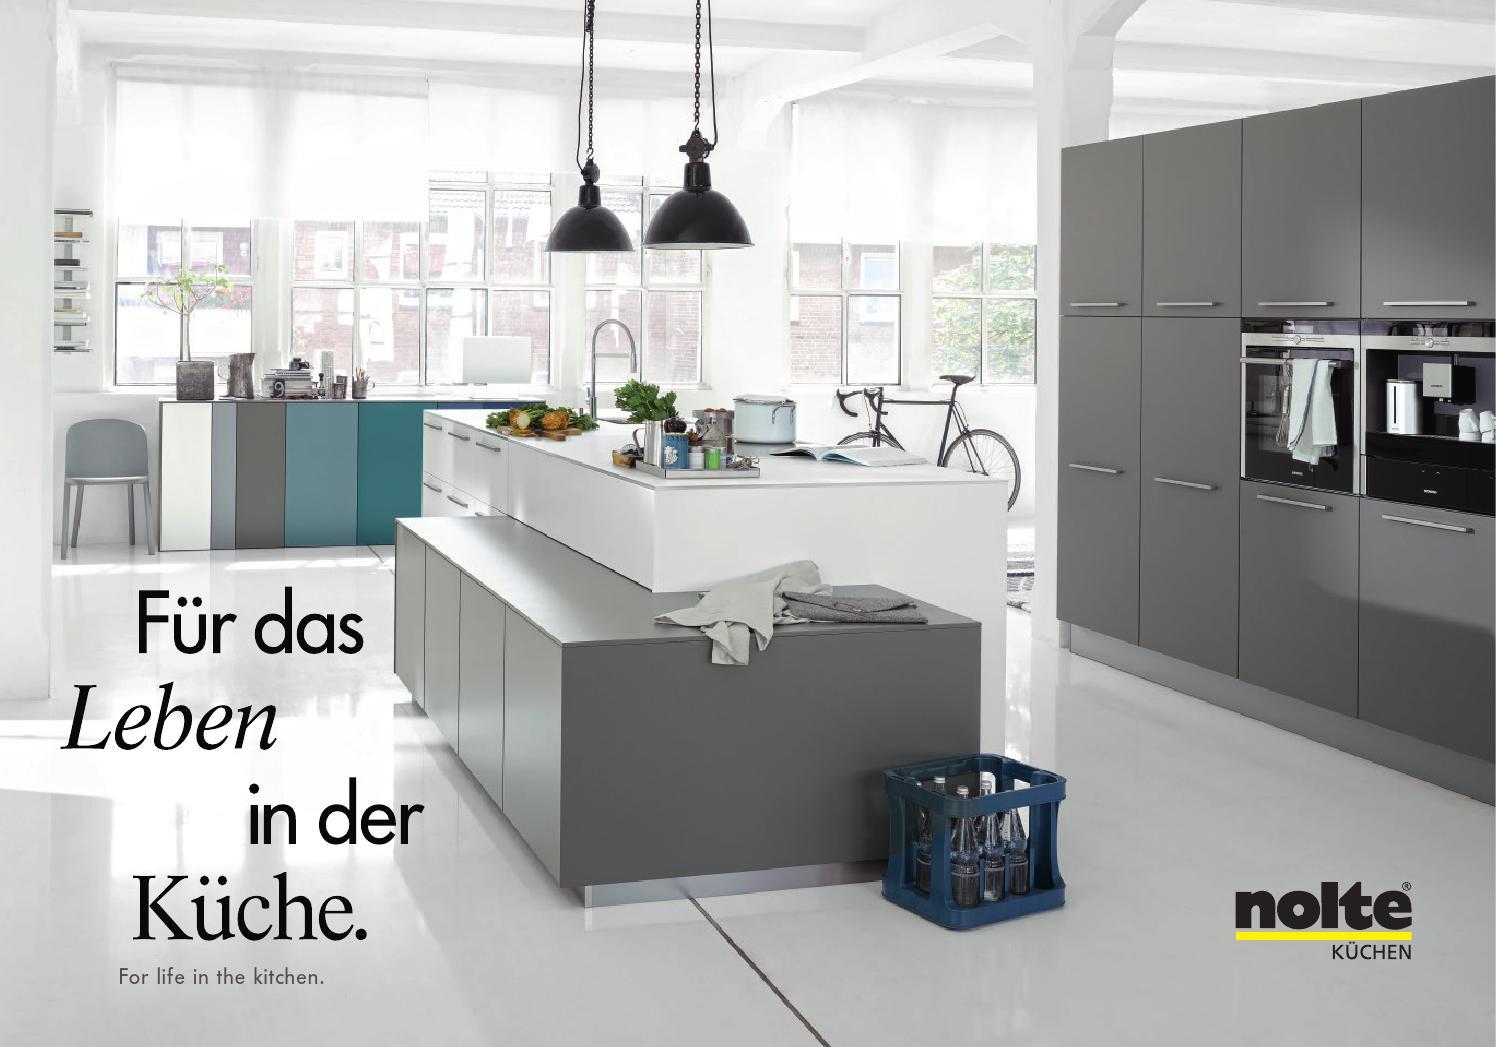 Nolte Küche Qualität  Küchenhersteller Schmidt Küchen